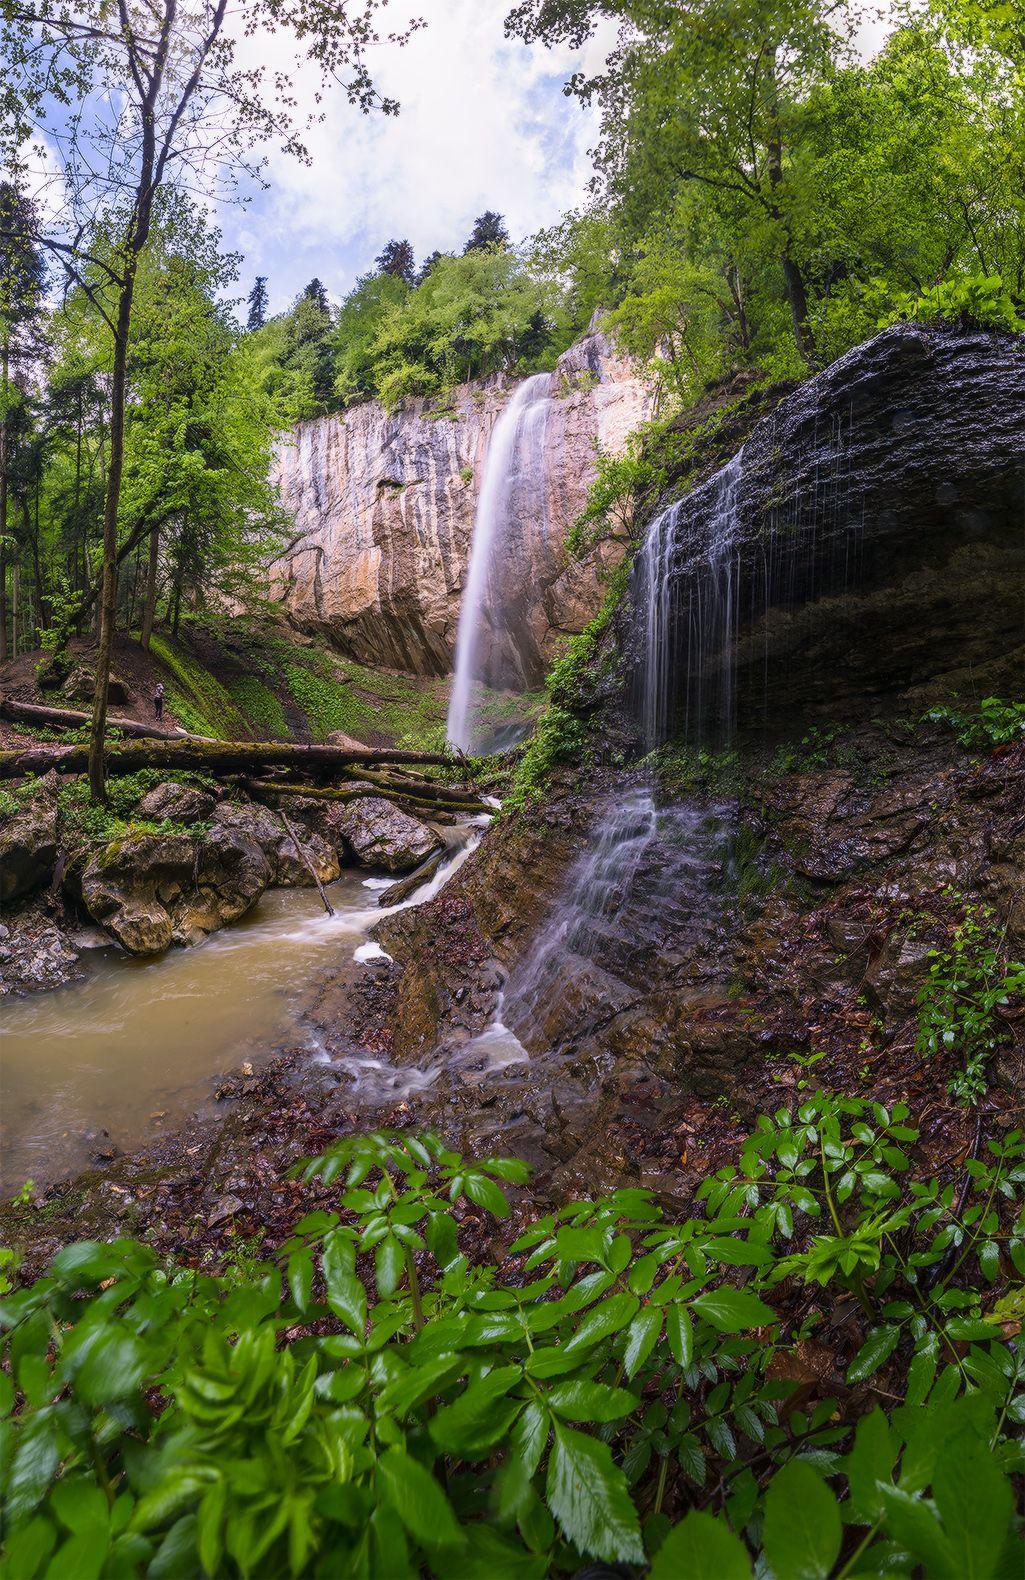 В окрестностях Никитино западный кавказ Никитино ручей капустина водопад май